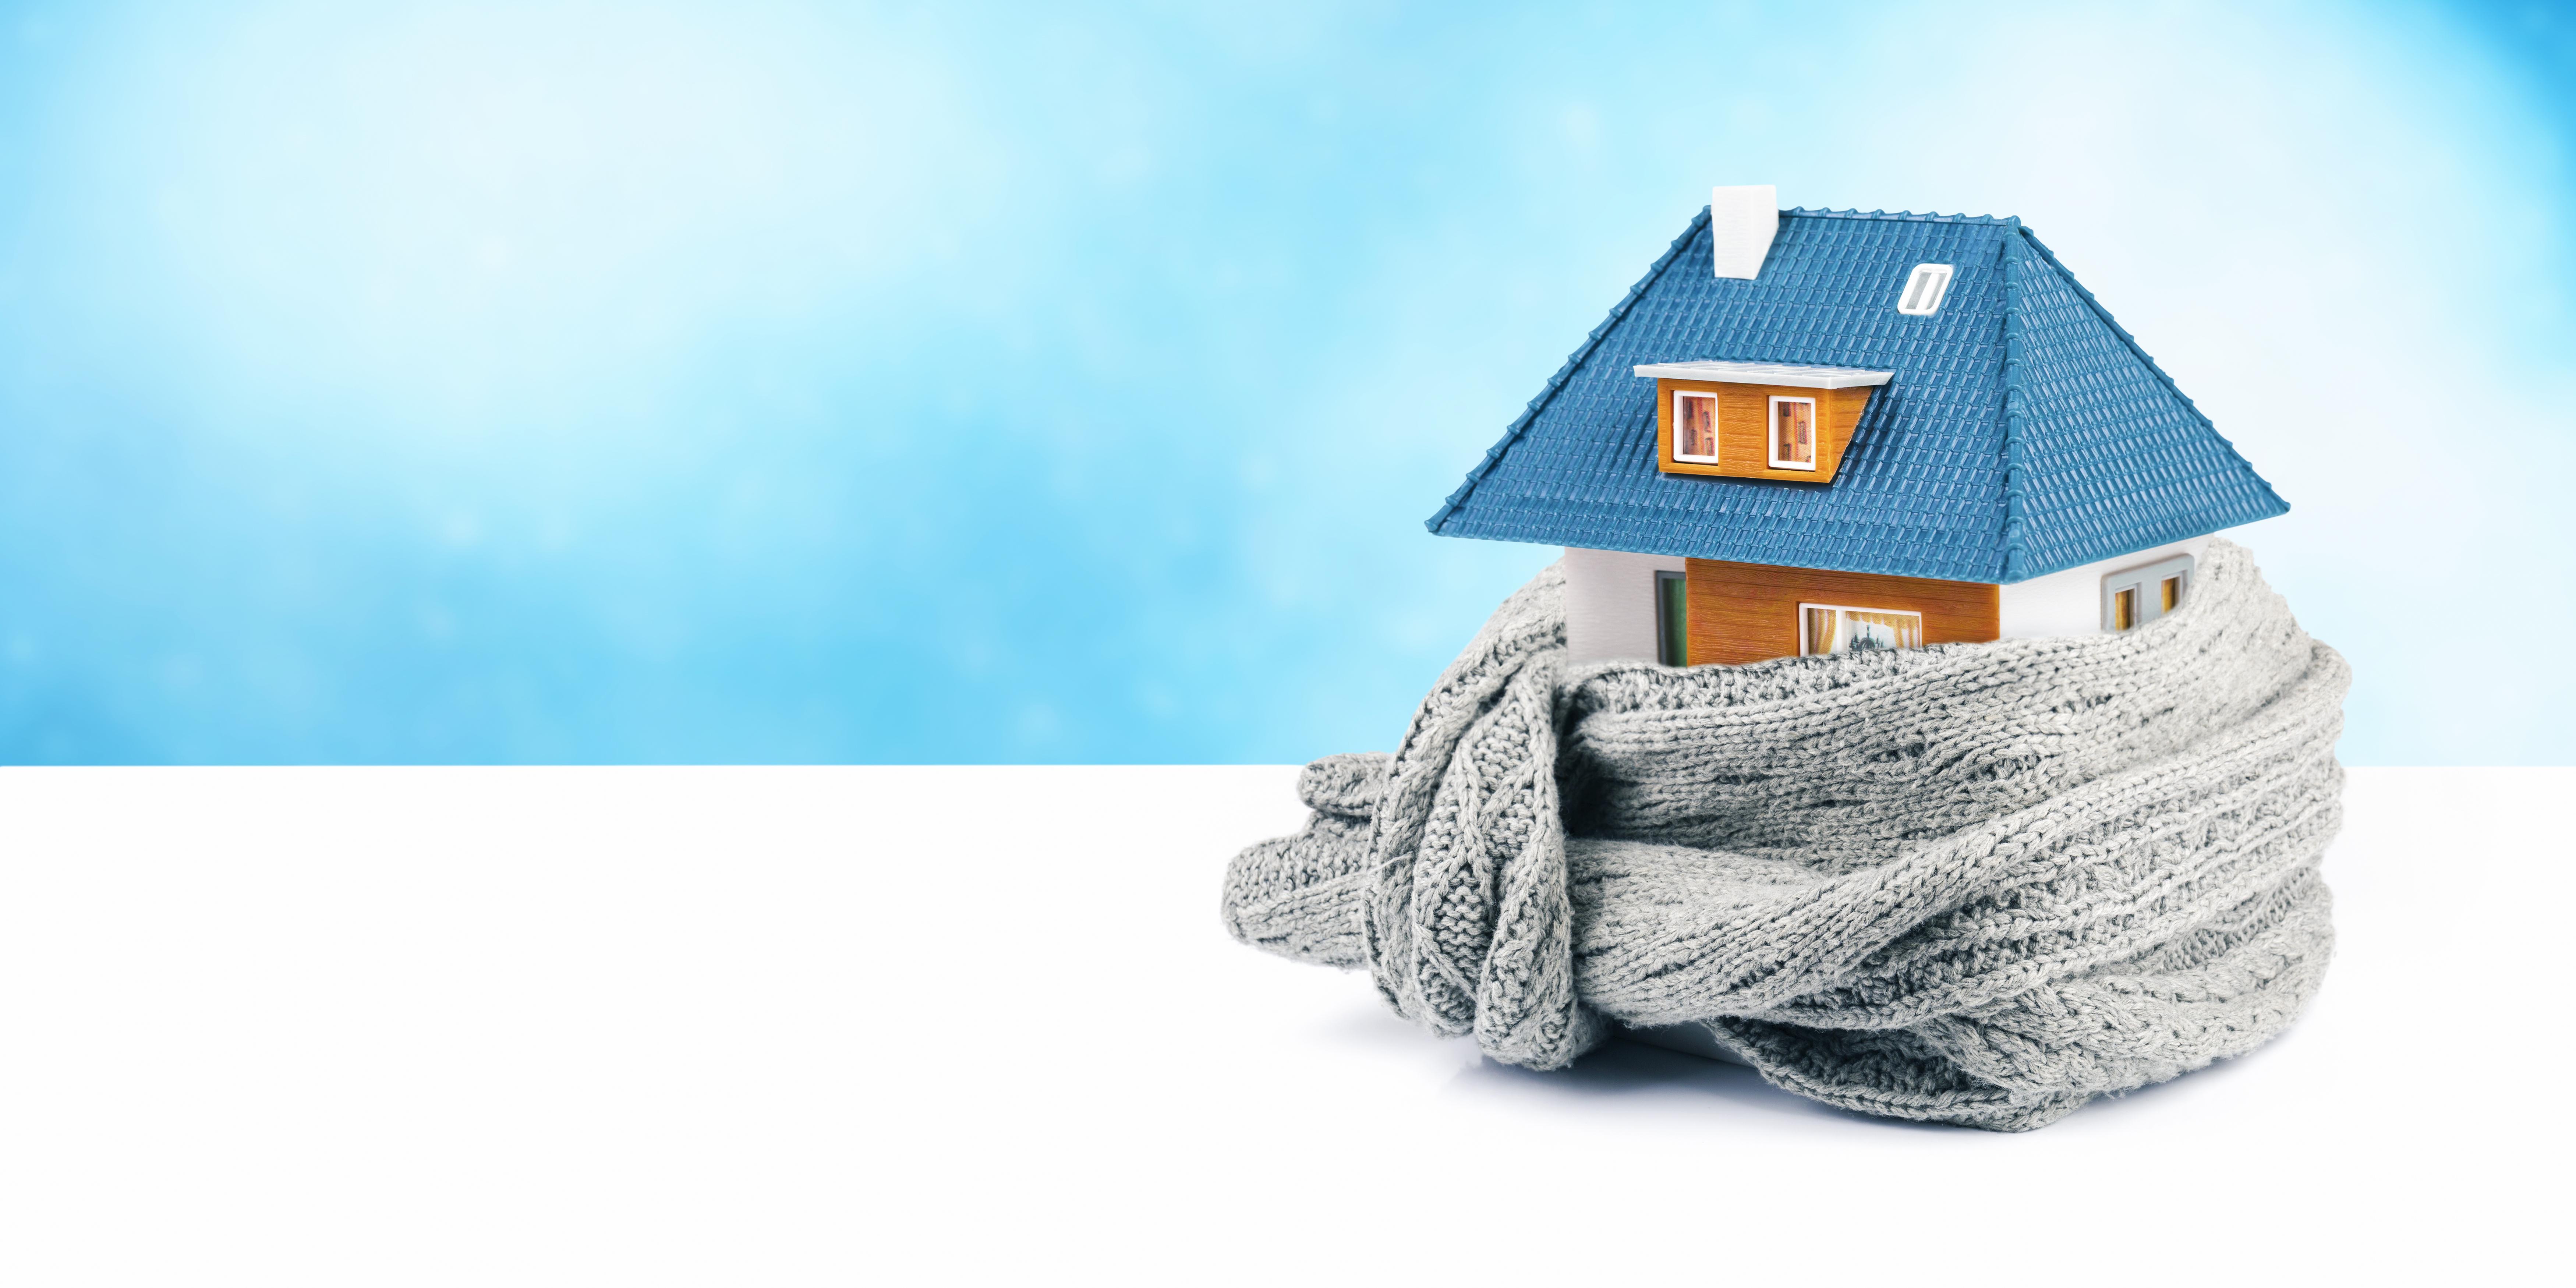 Gartenhaus dämmen – geschützt vor der winterlichen Kälte